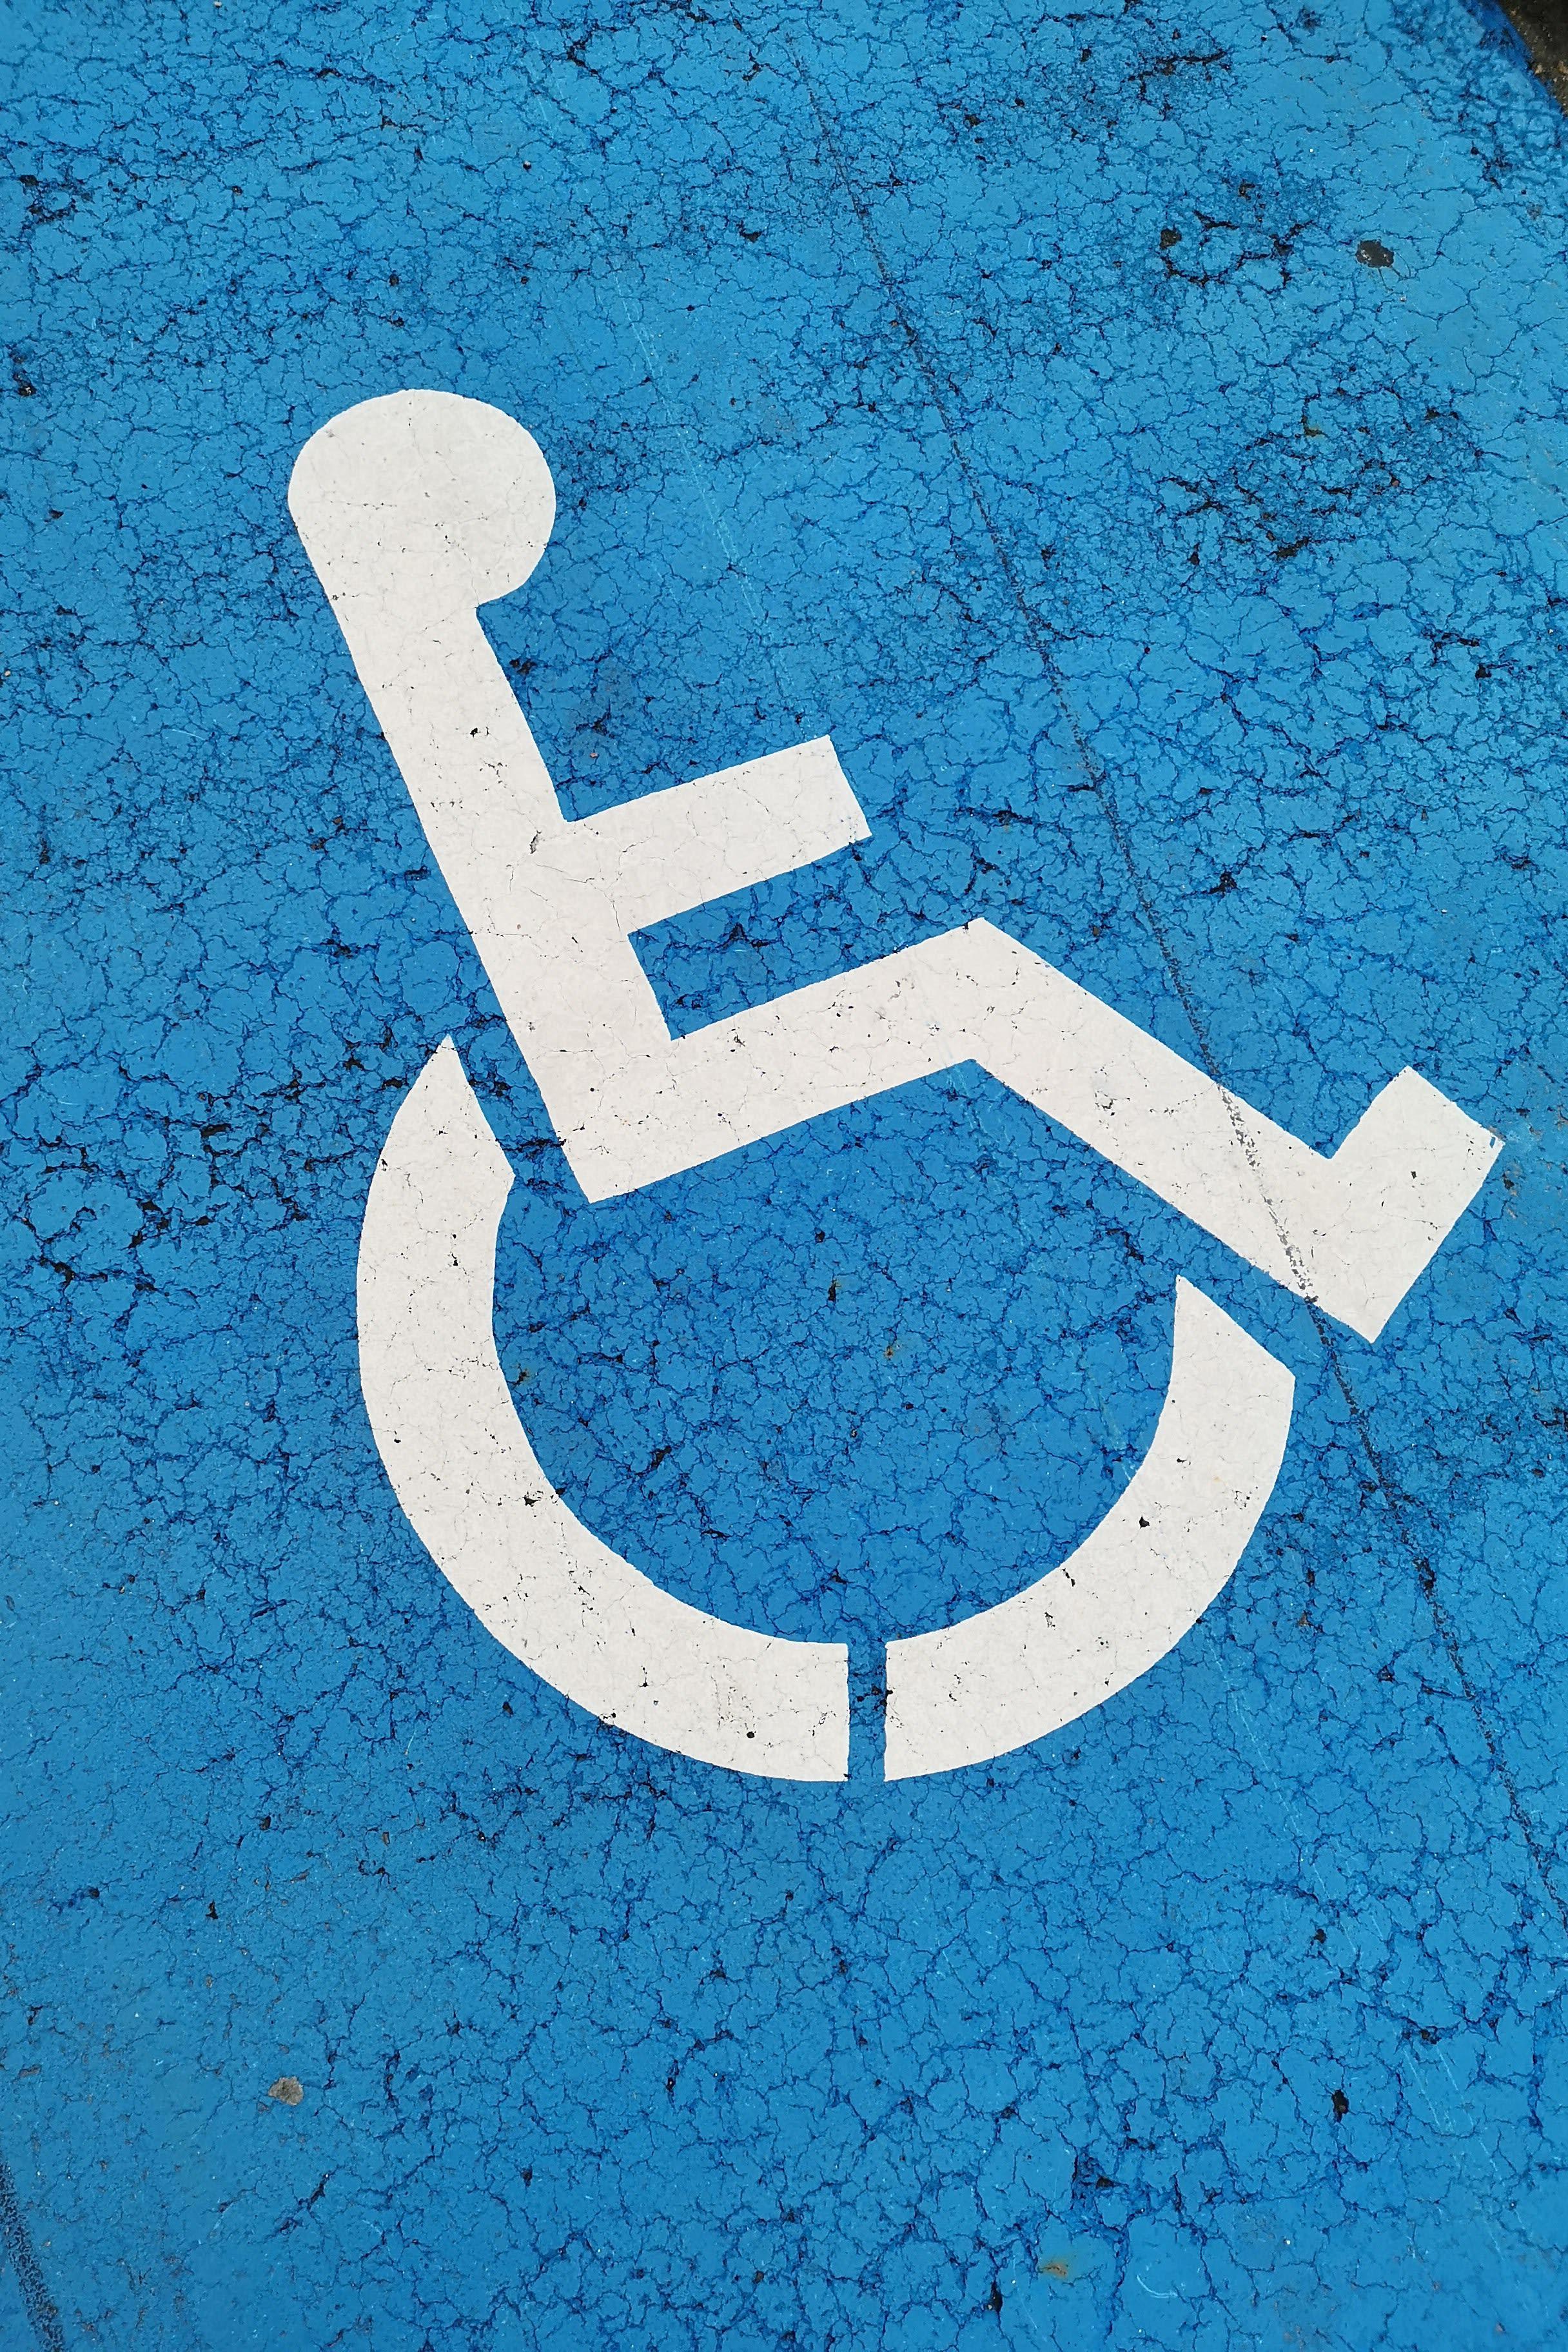 Rollstuhlzeichen auf dem Boden